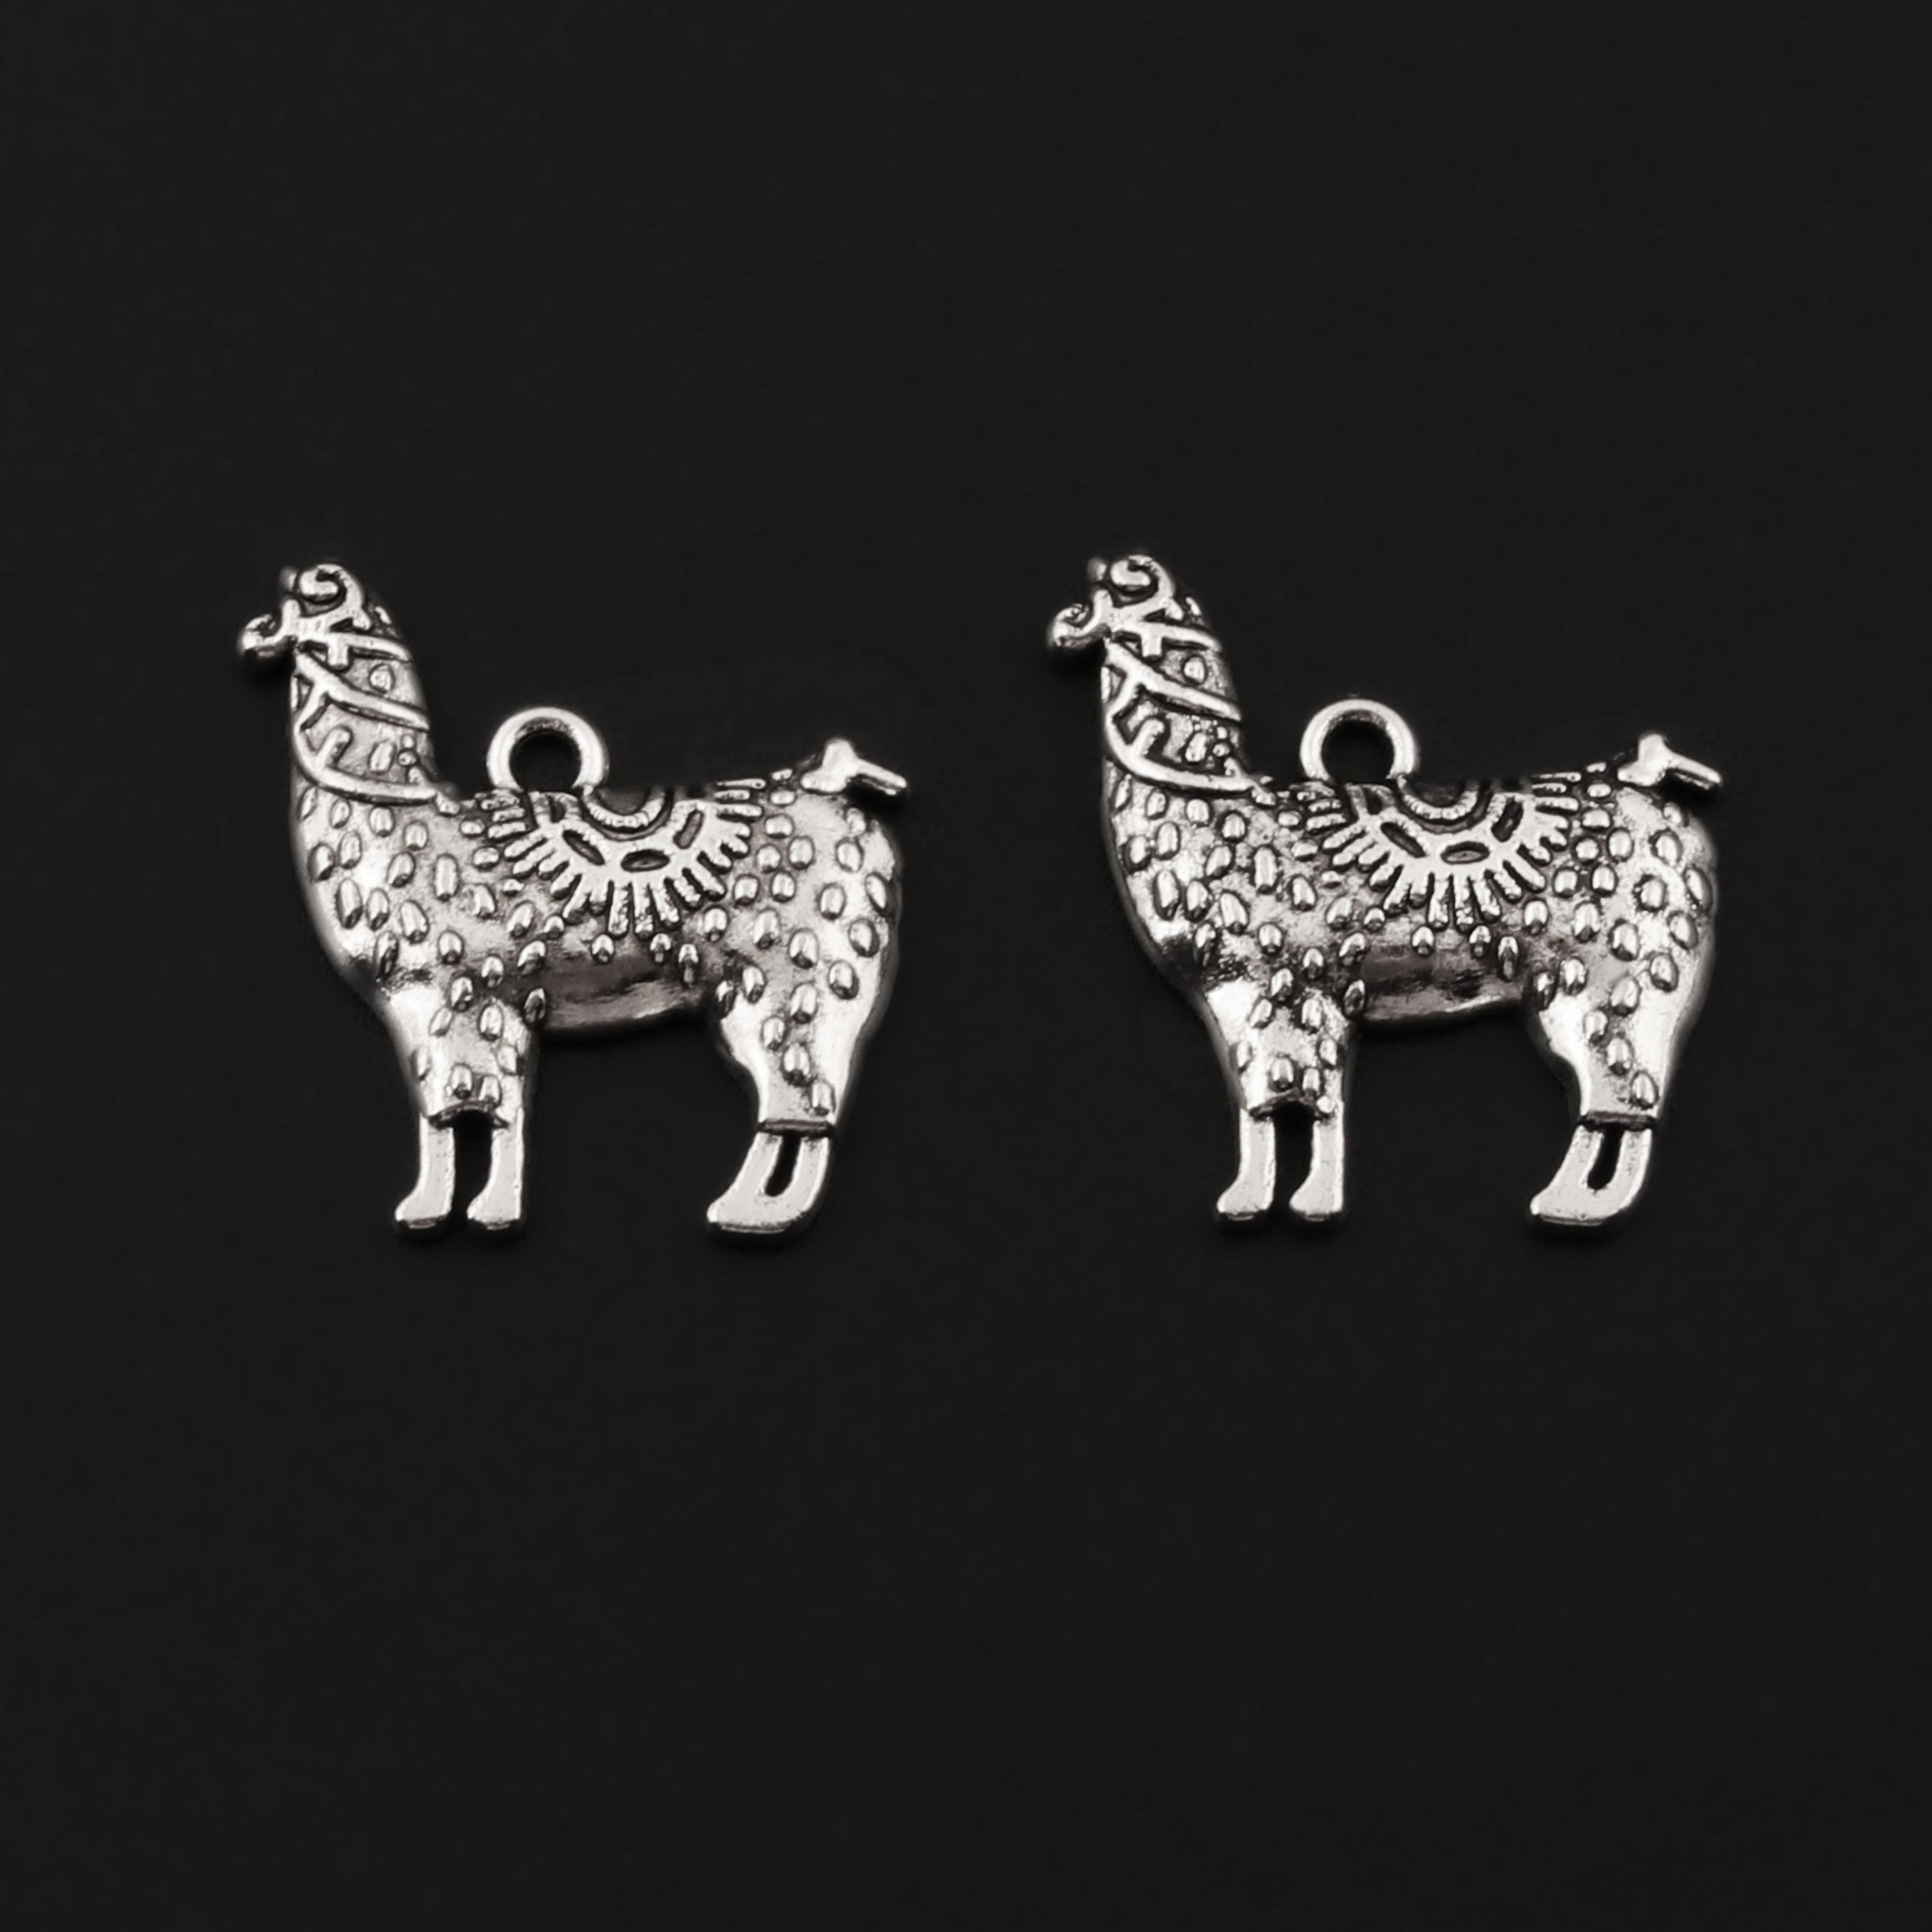 Encantos de caballo de césped de alpaca de Color plateado 20 uds, fabricación de Colgante Animal DIY hecha a mano, joyería artesanal 23x26mm A83